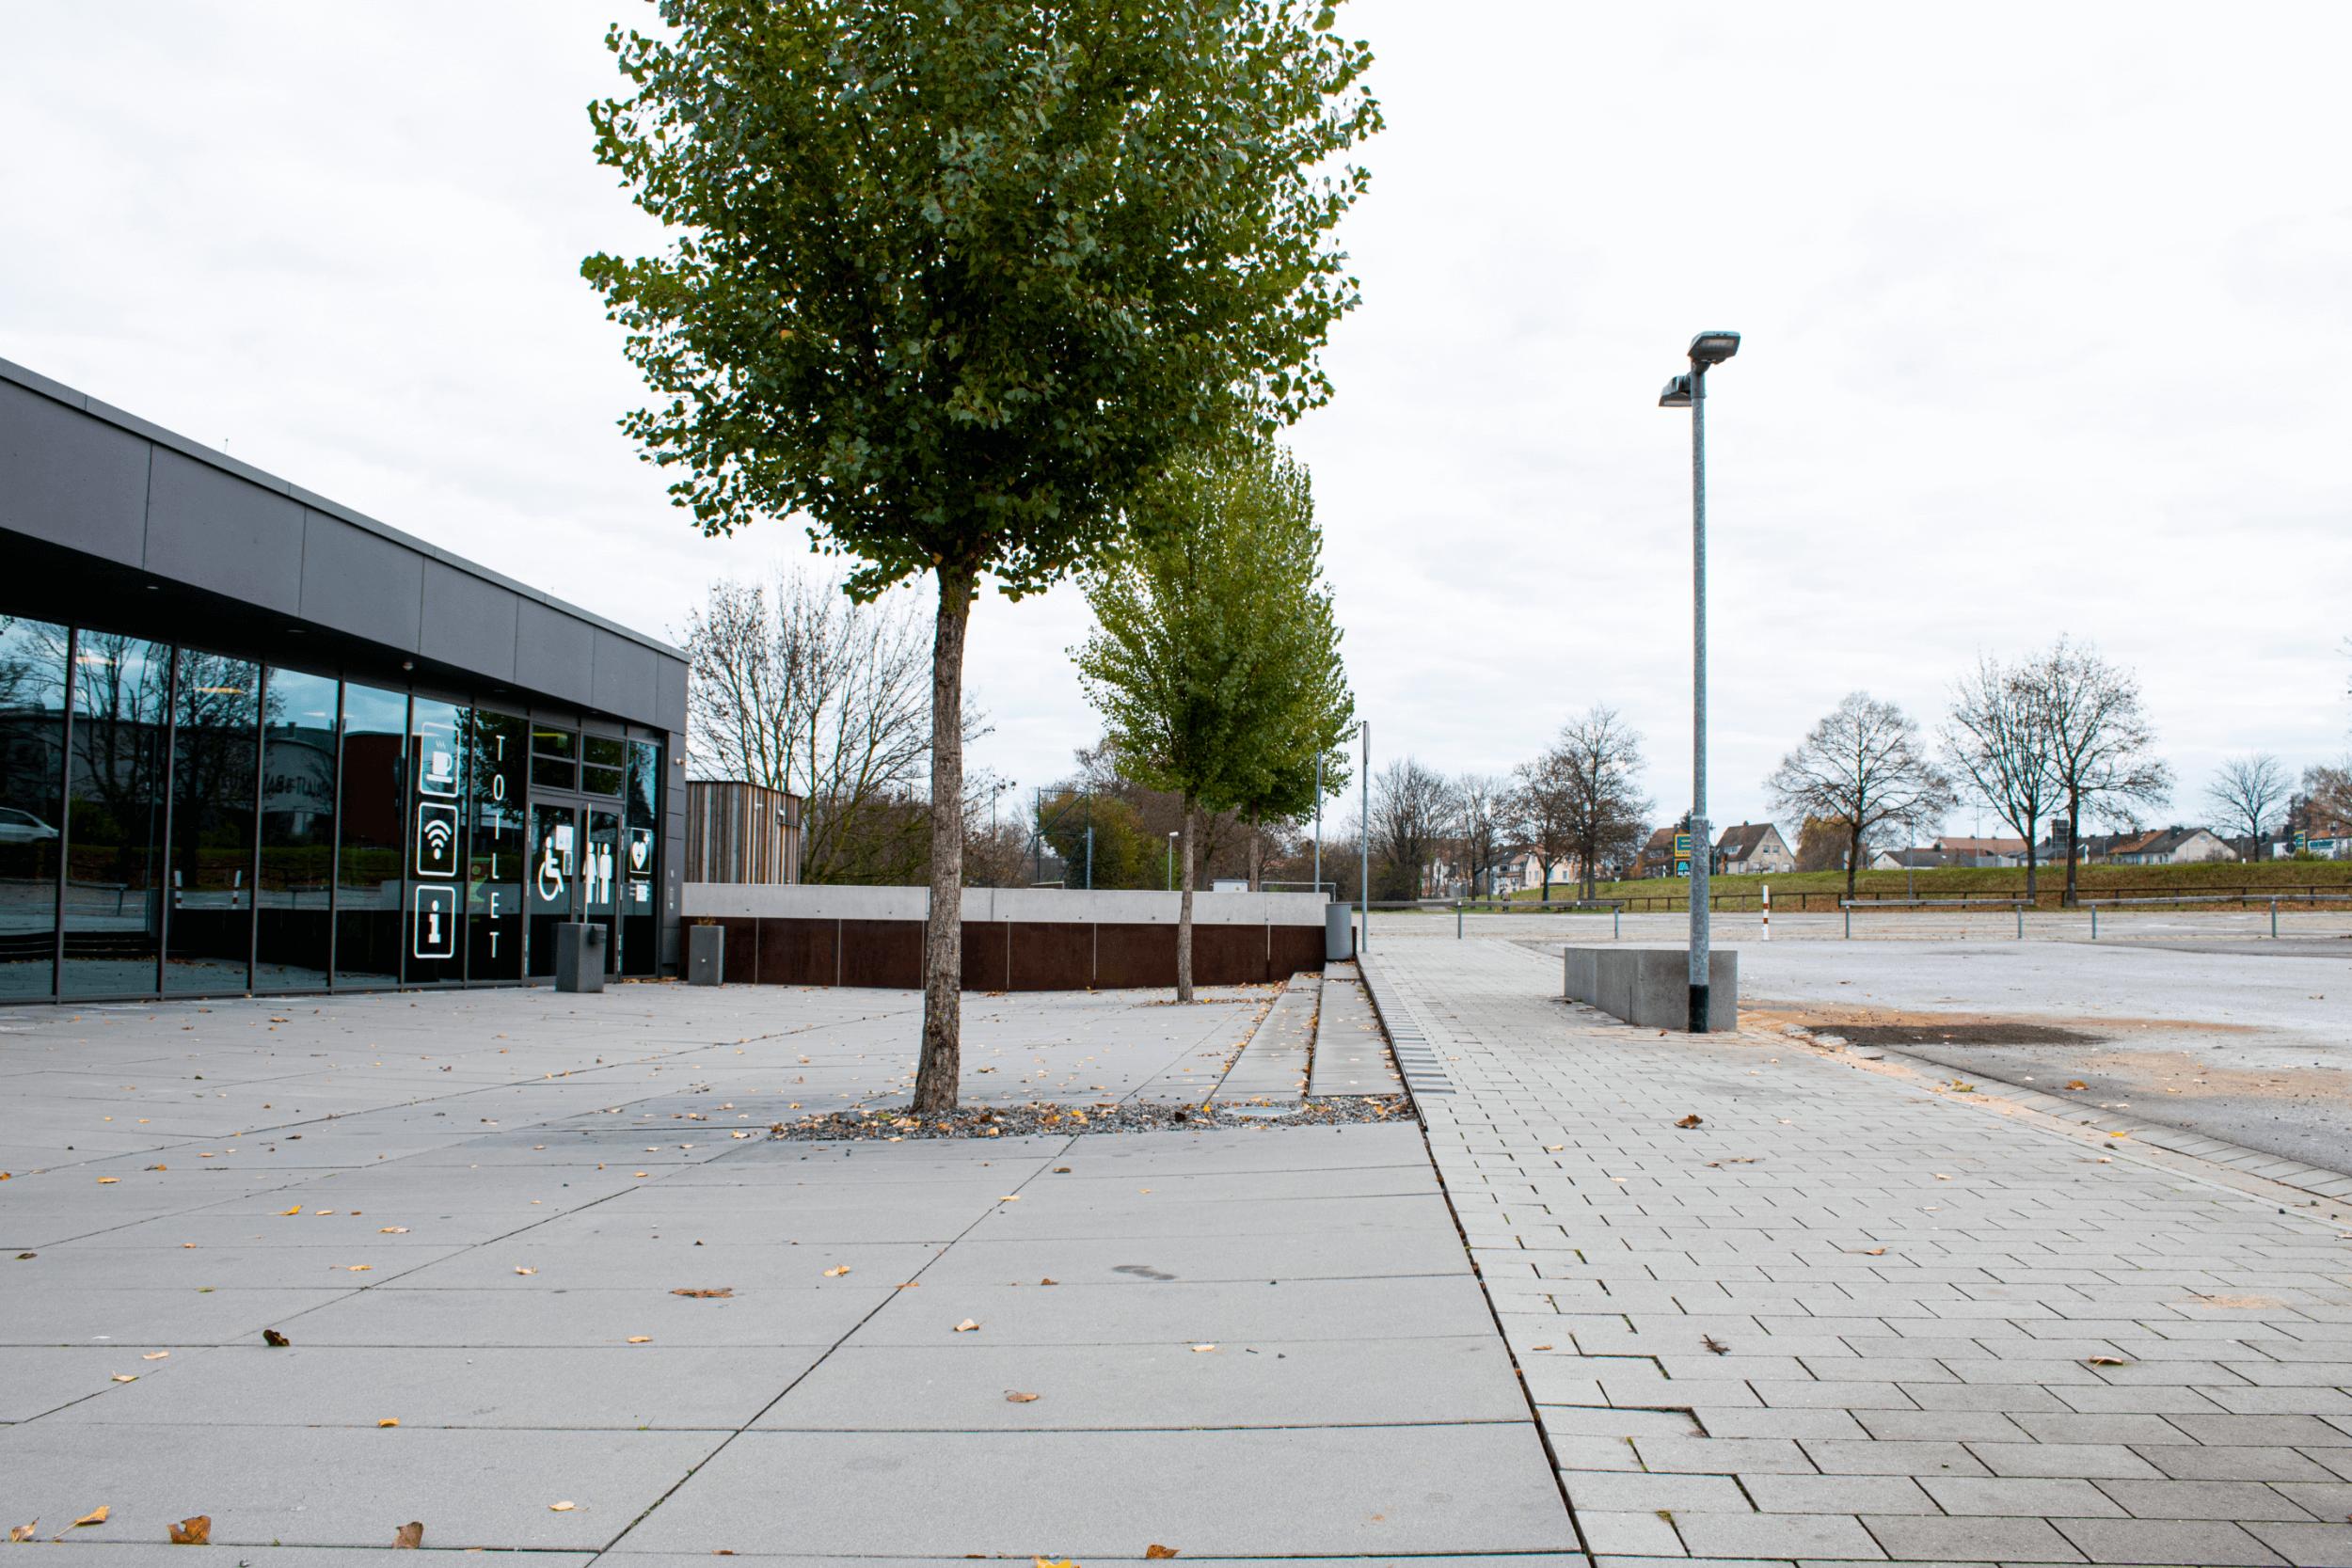 Die Mehrzweckhalle in Rothenburg basiert grundsätzlich auf einer barrierefreien Bauweise.